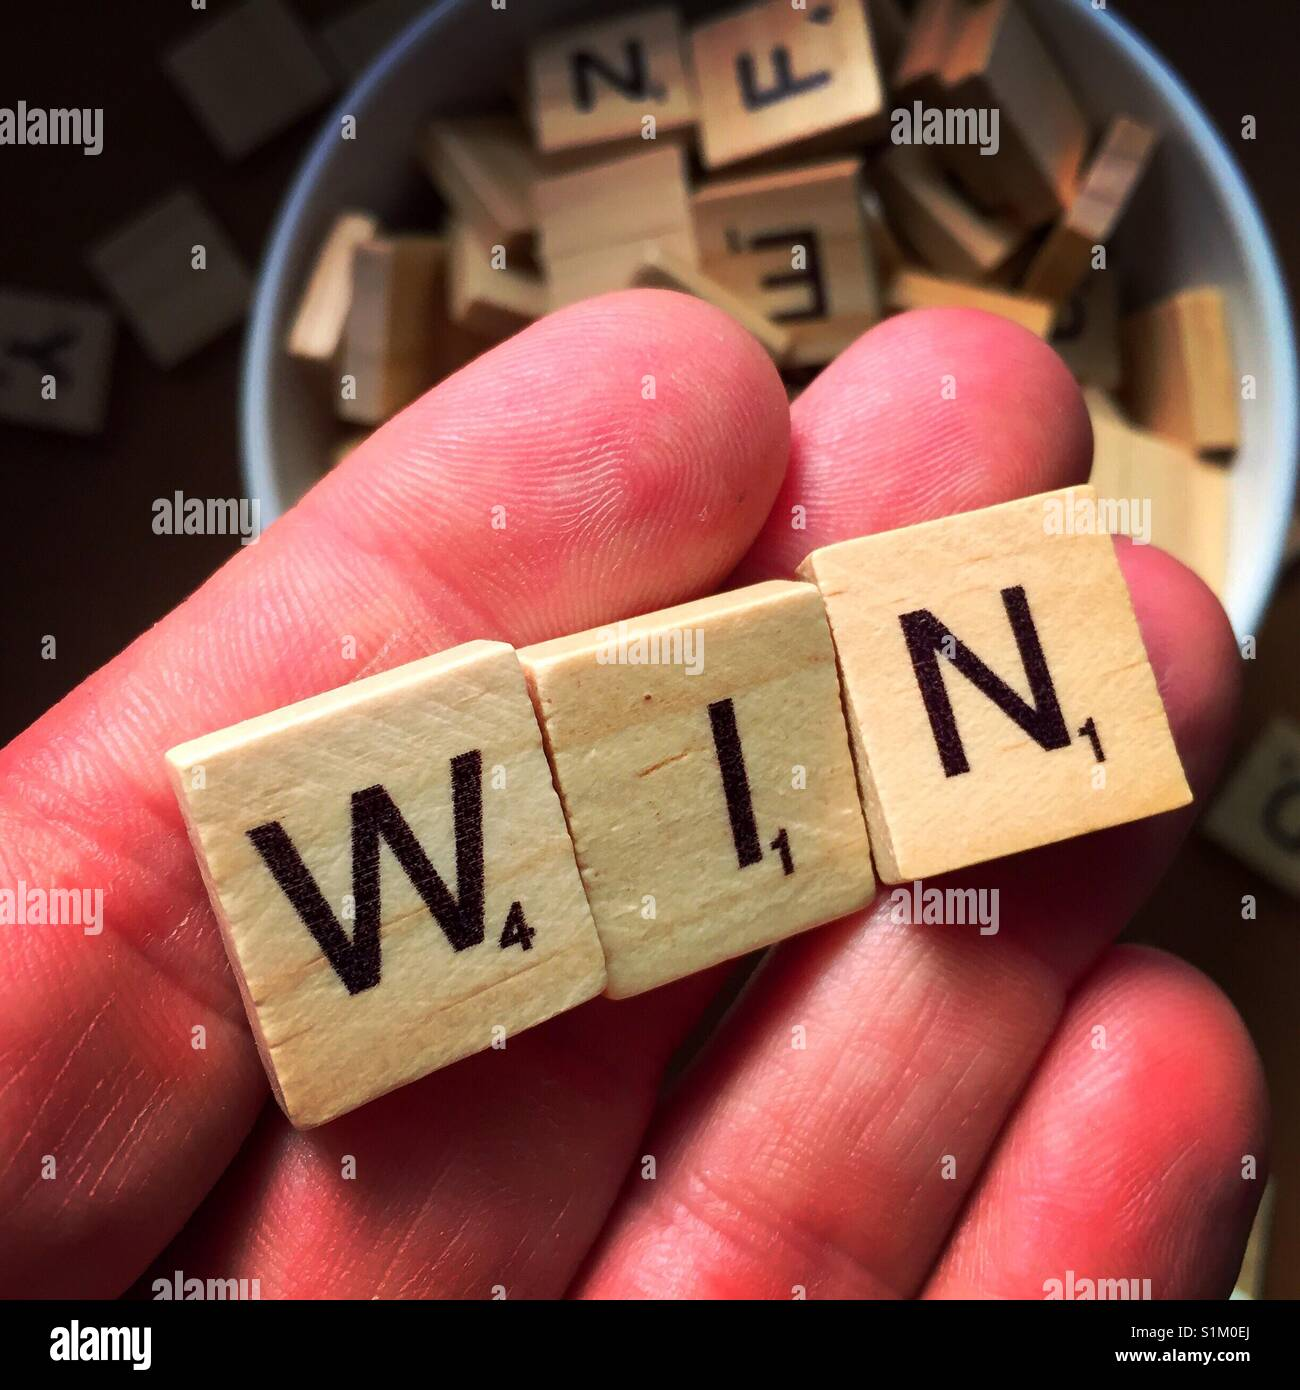 Un'immagine ravvicinata di una mano di un uomo azienda lettere in legno ortografia vincere con altre lettere Immagini Stock